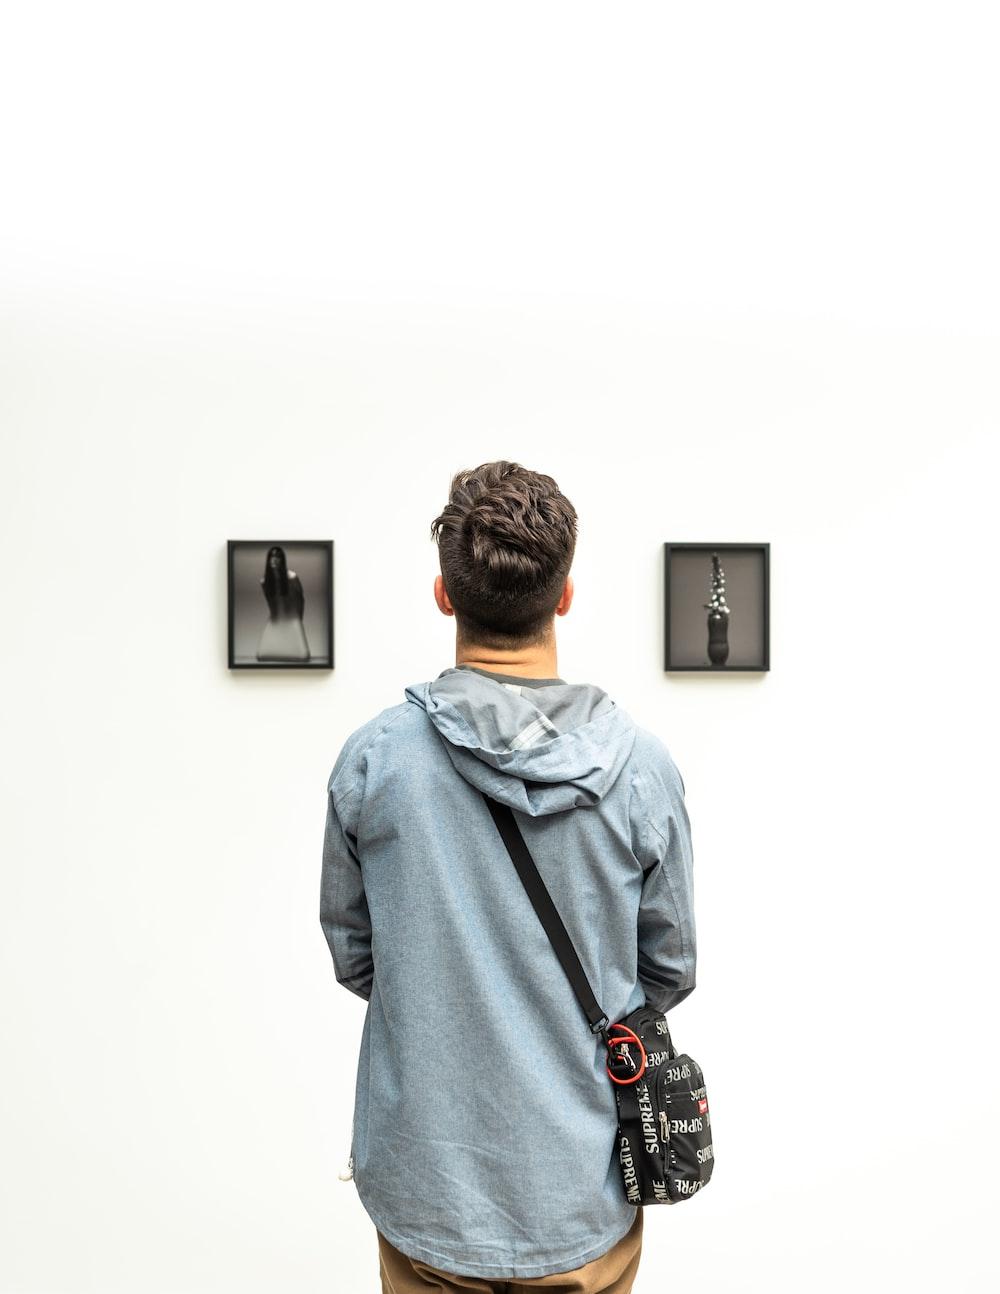 man wearing hoodie looking at artworks